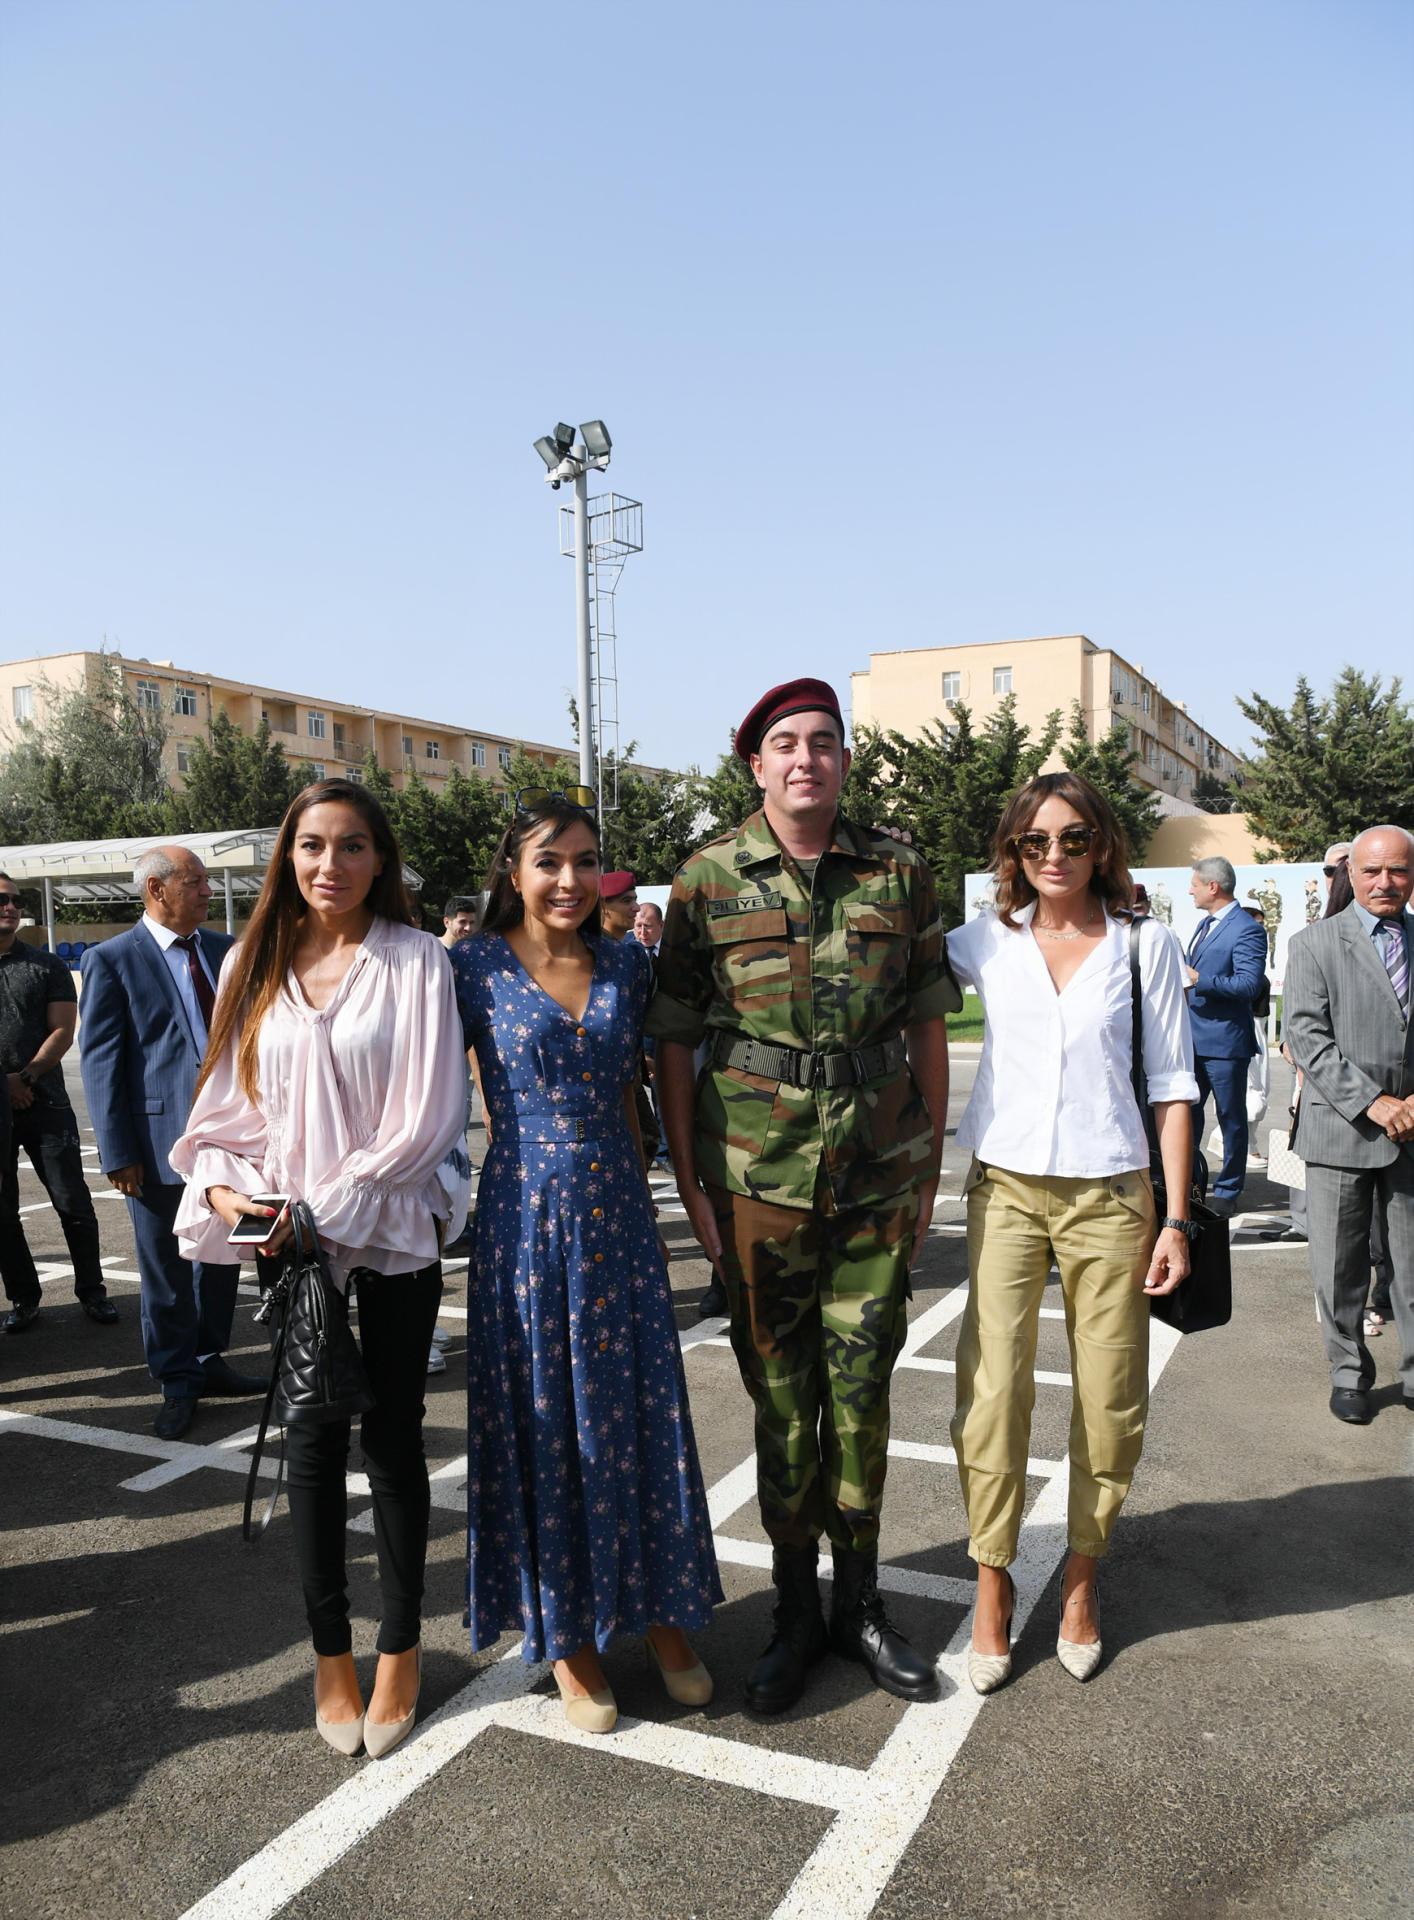 Президент Ильхам Алиев и Первая леди Мехрибан Алиева приняли участие в церемонии принятия присяги молодыми солдатами Службы государственной безопасности Азербайджана